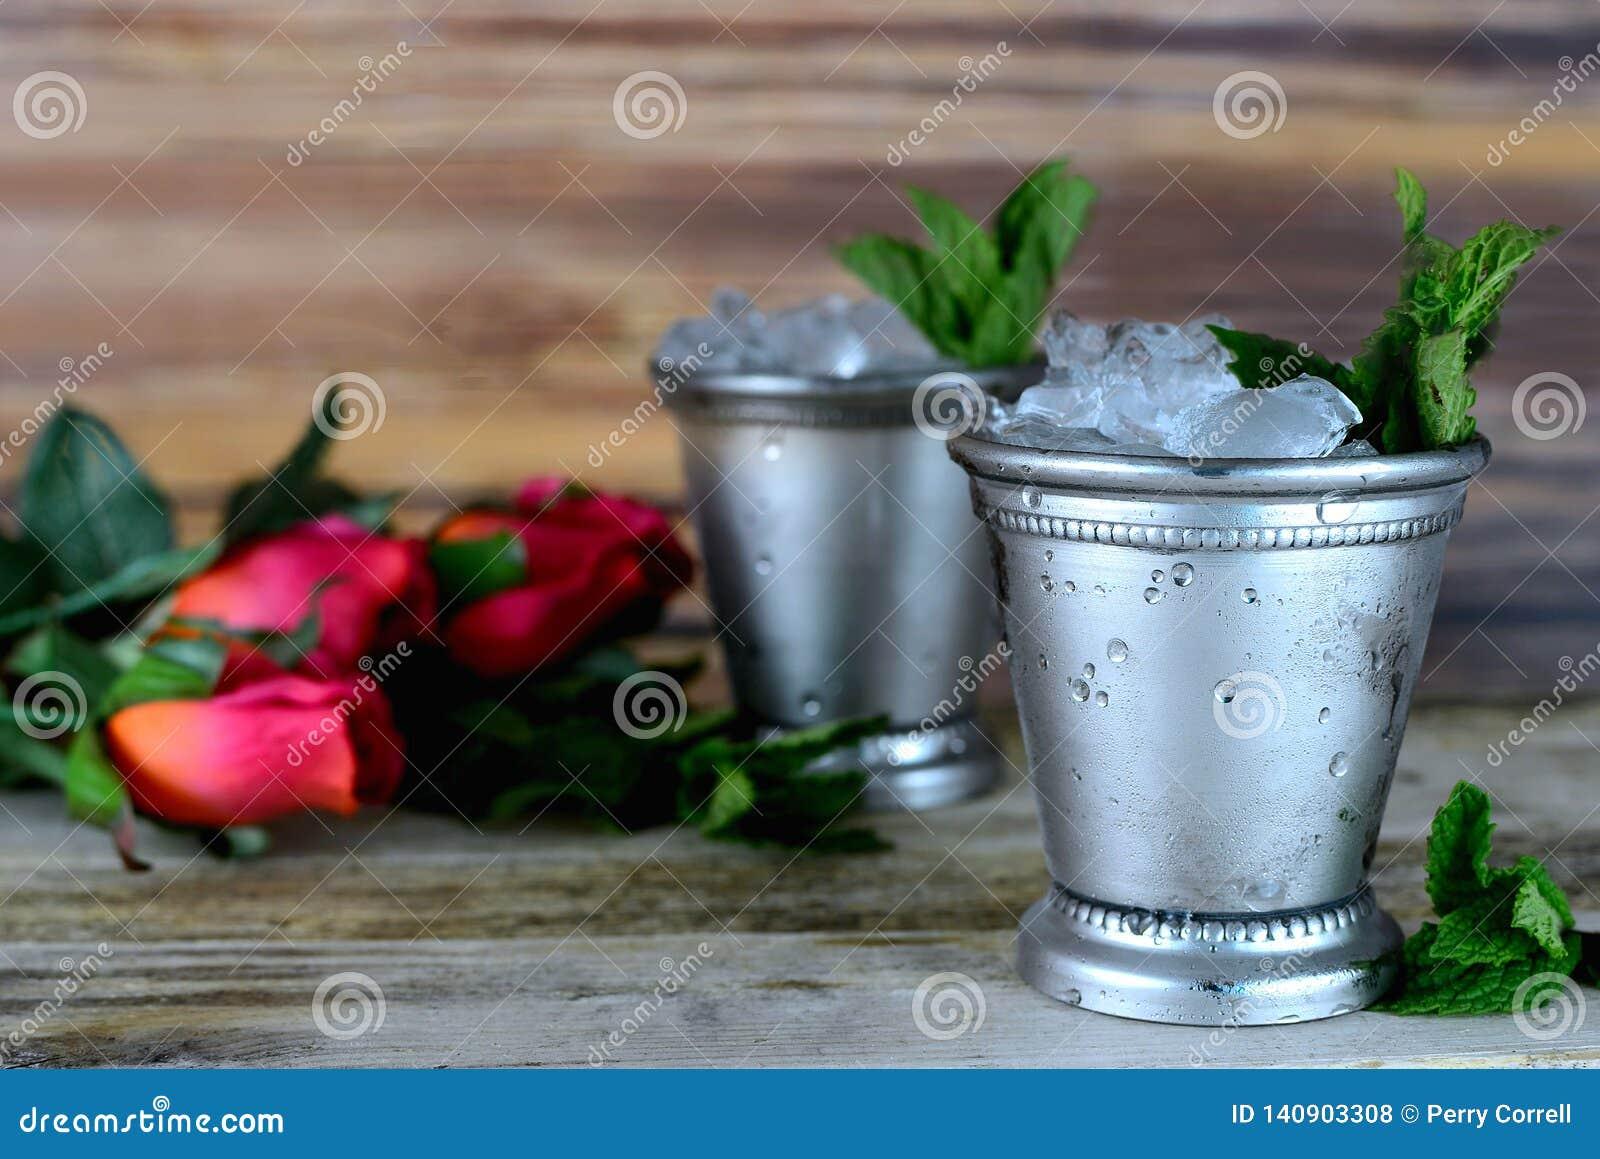 La imagen para Kentucky derby en mayo que muestra a dos la plata acuña las tazas de la julepe con hielo y la menta fresca machaca